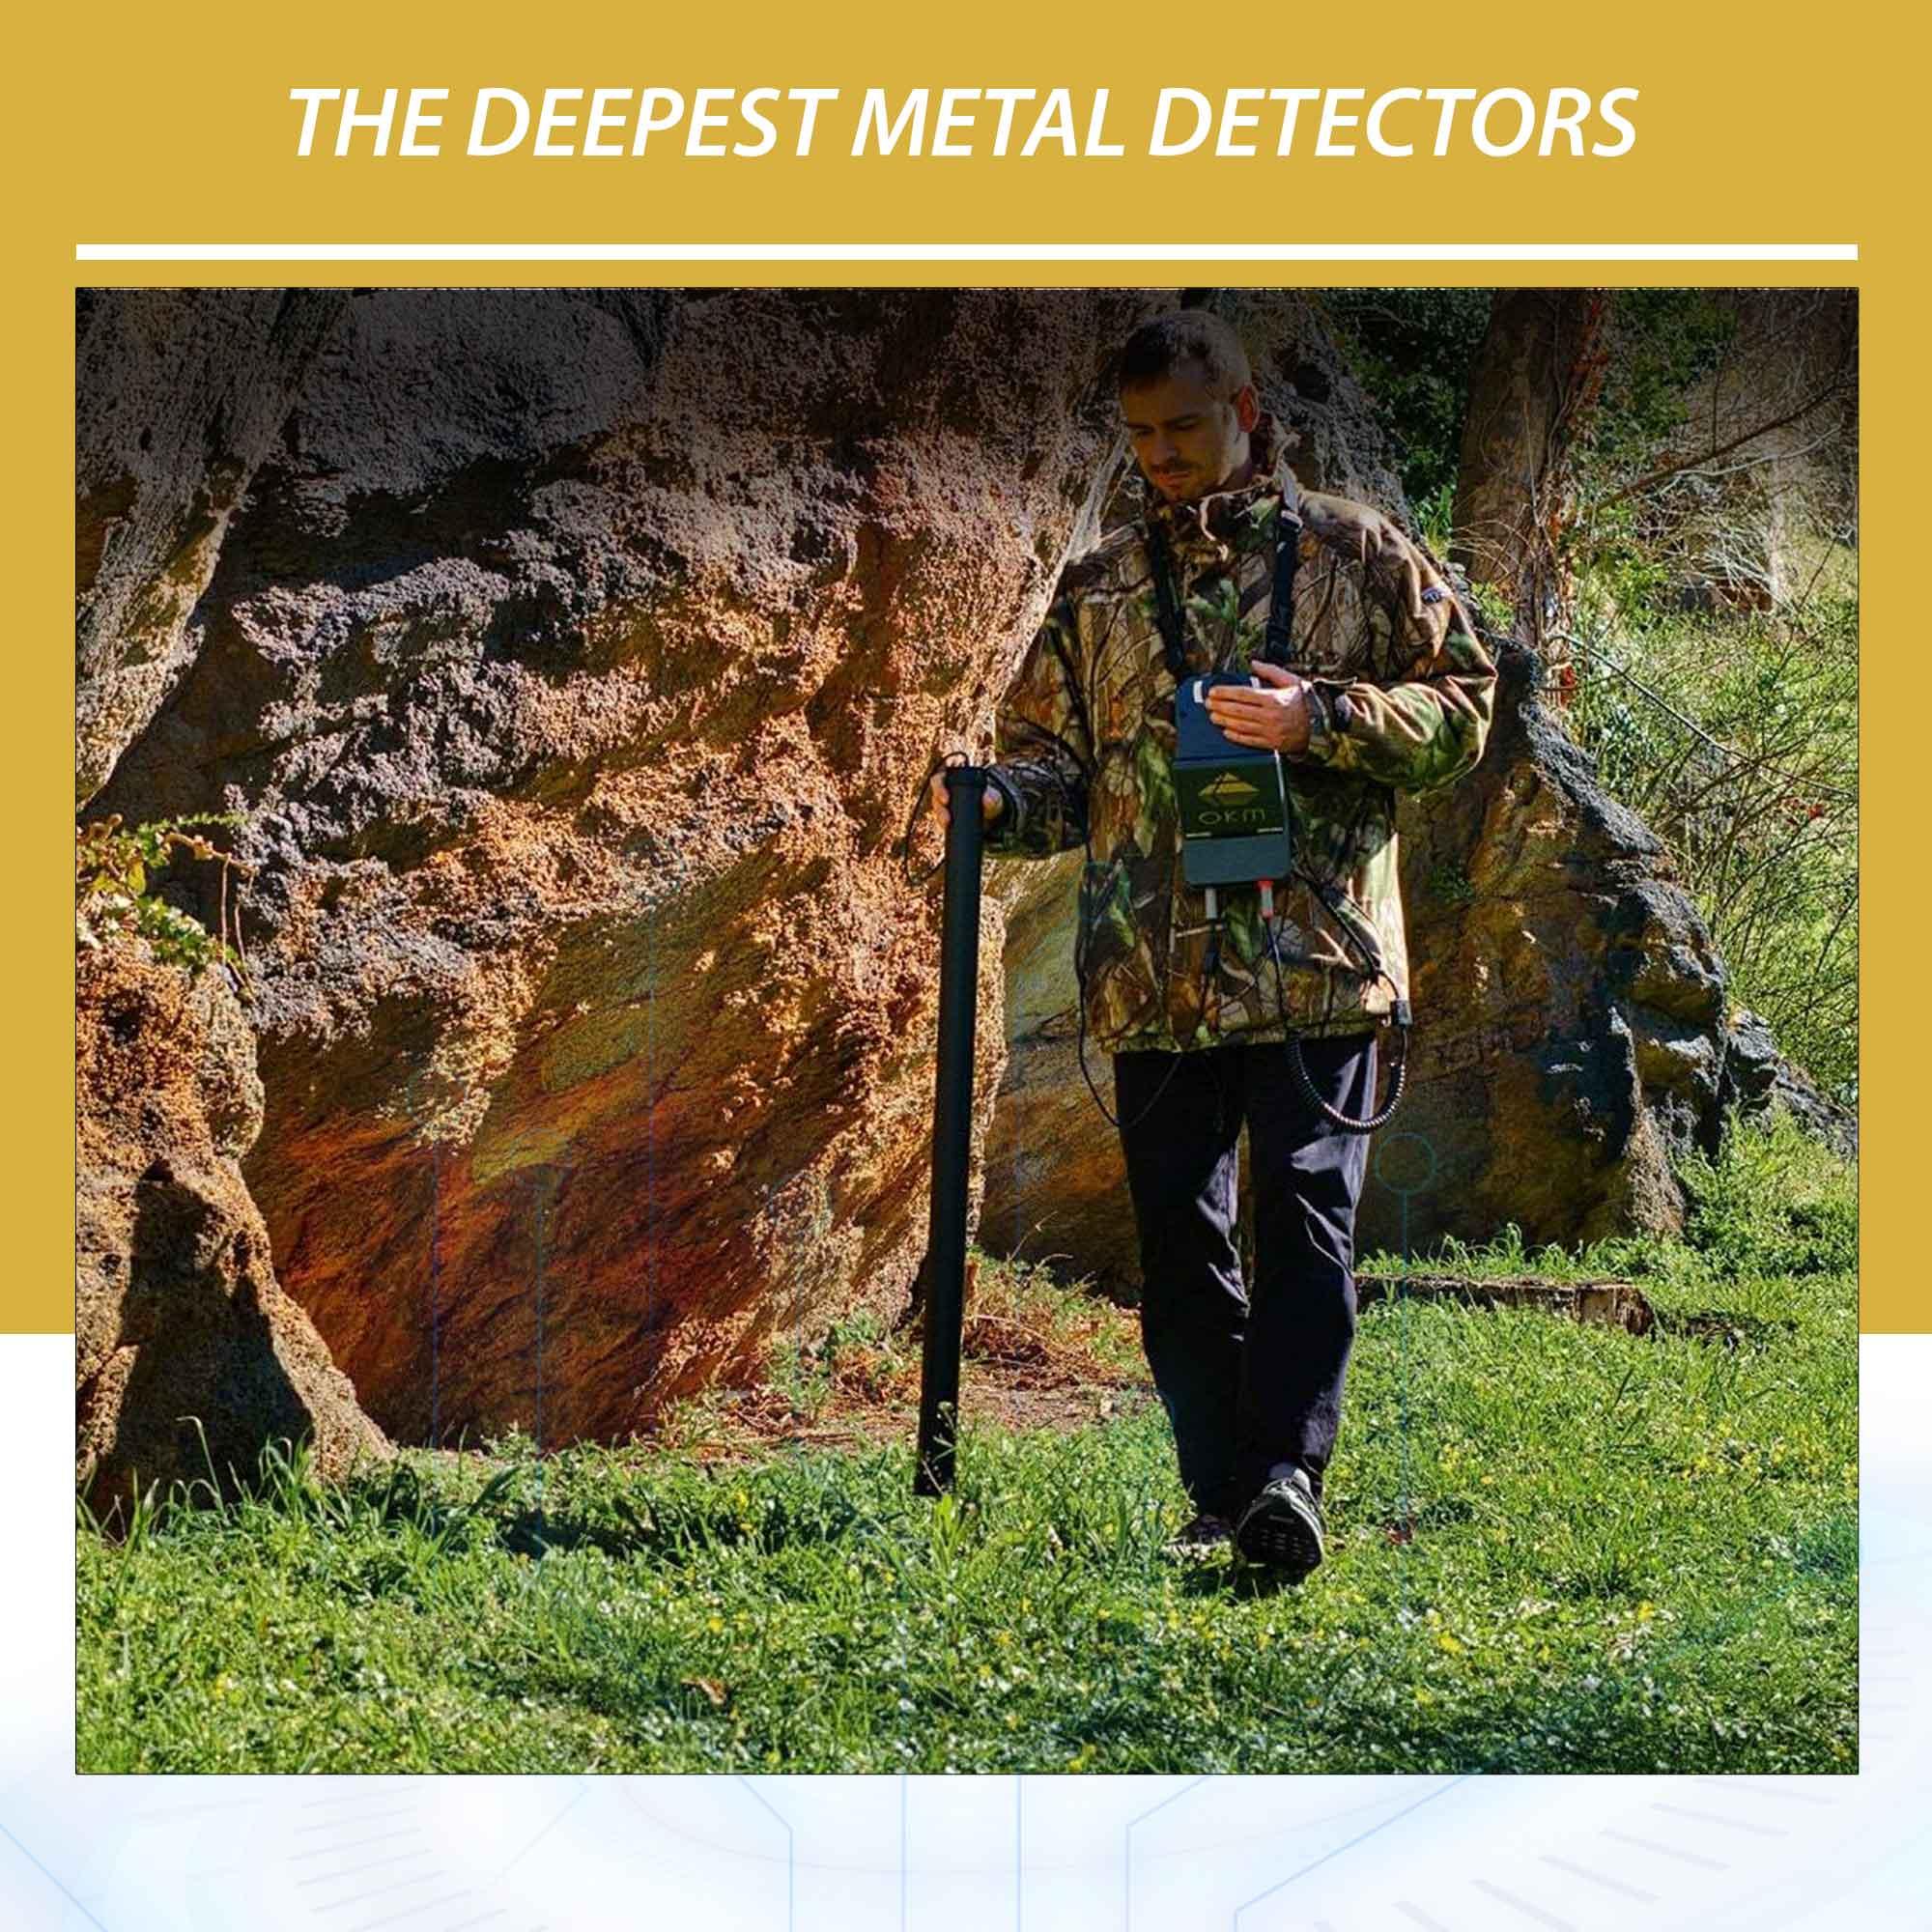 The deepest metal detectors in 2021